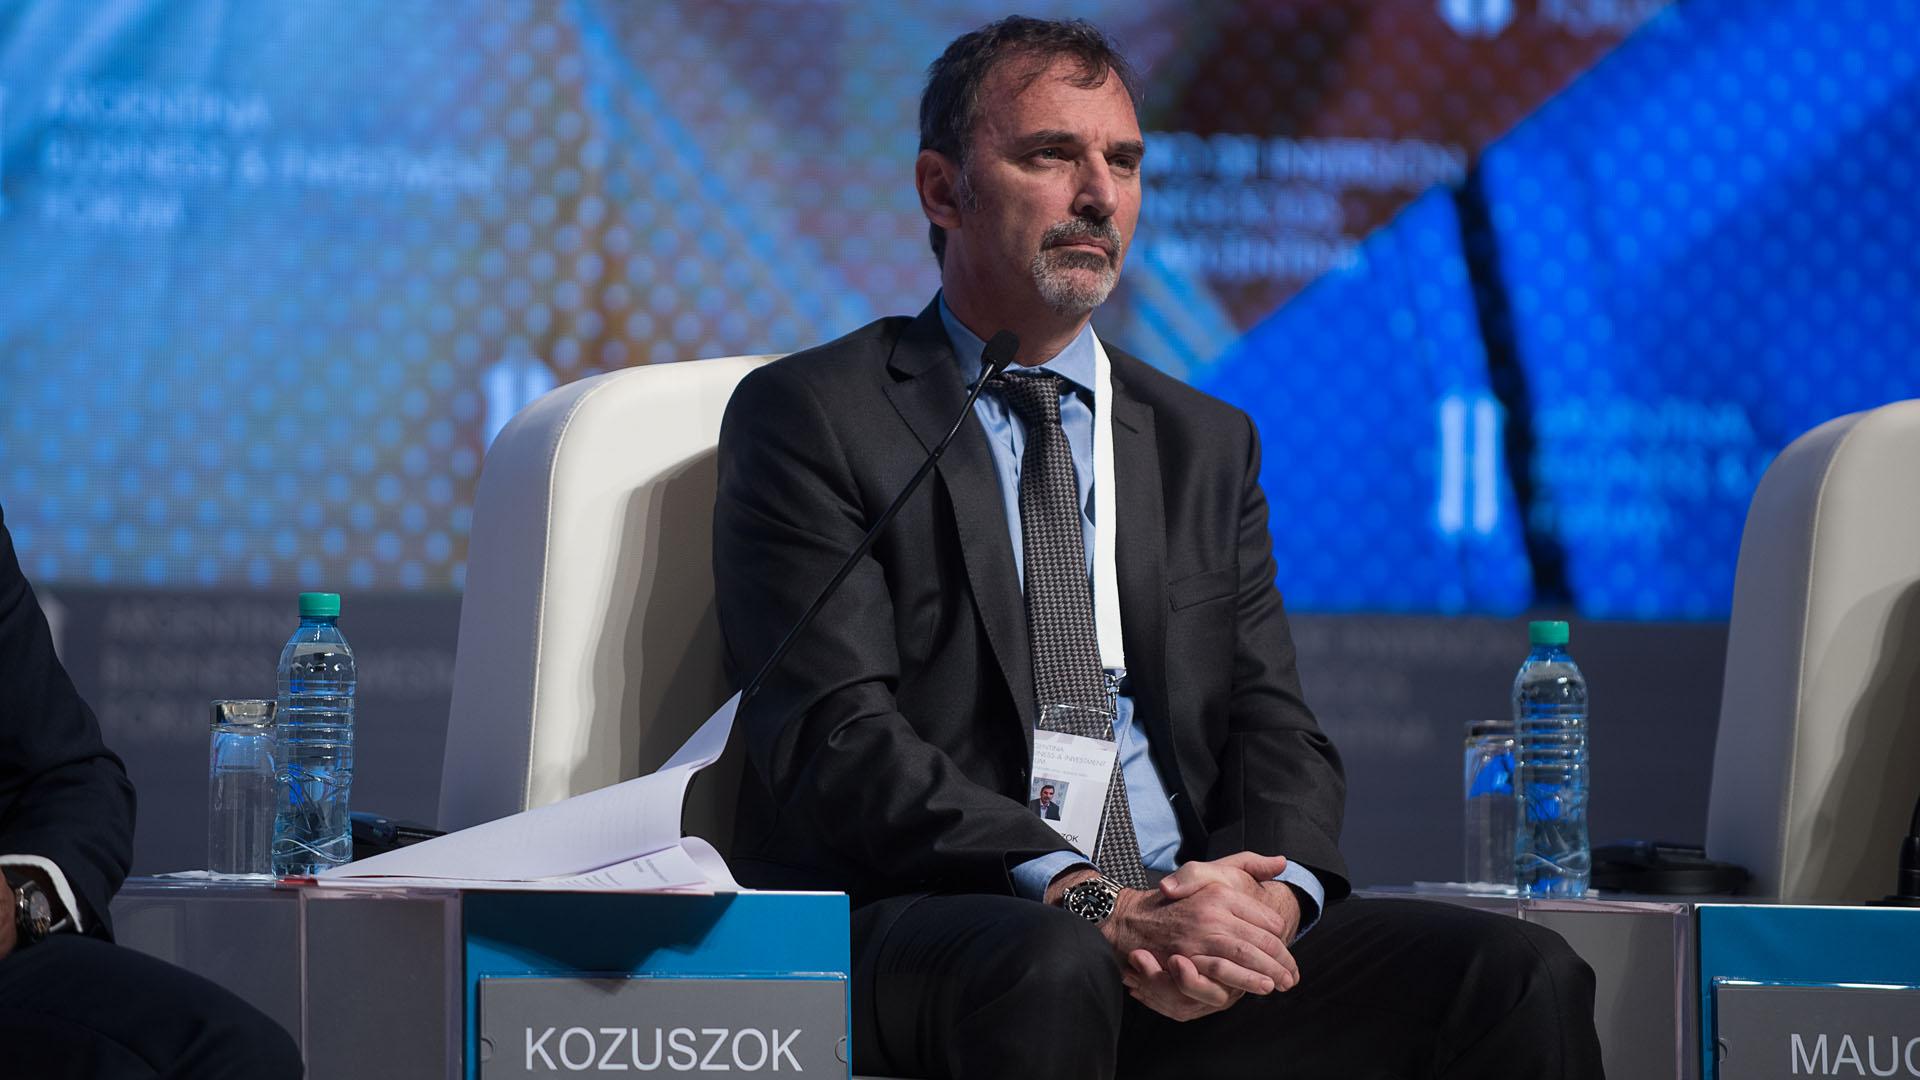 El presidente para Latinoamérica de Unilever, Miguel Kozuszok